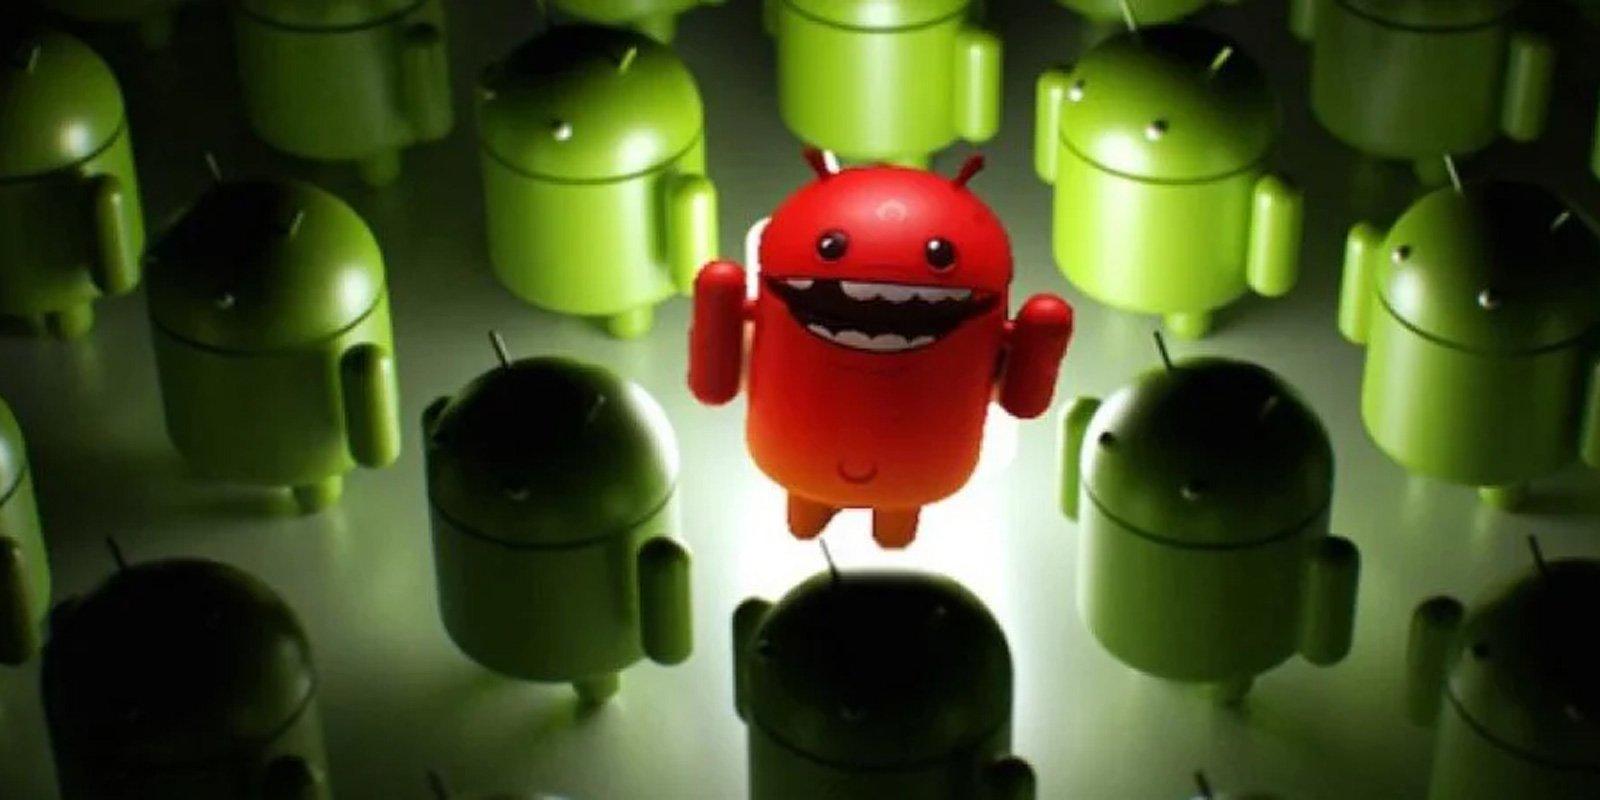 Las aplicaciones de Android con 250 millones de descargas siguen siendo vulnerables a errores parcheados